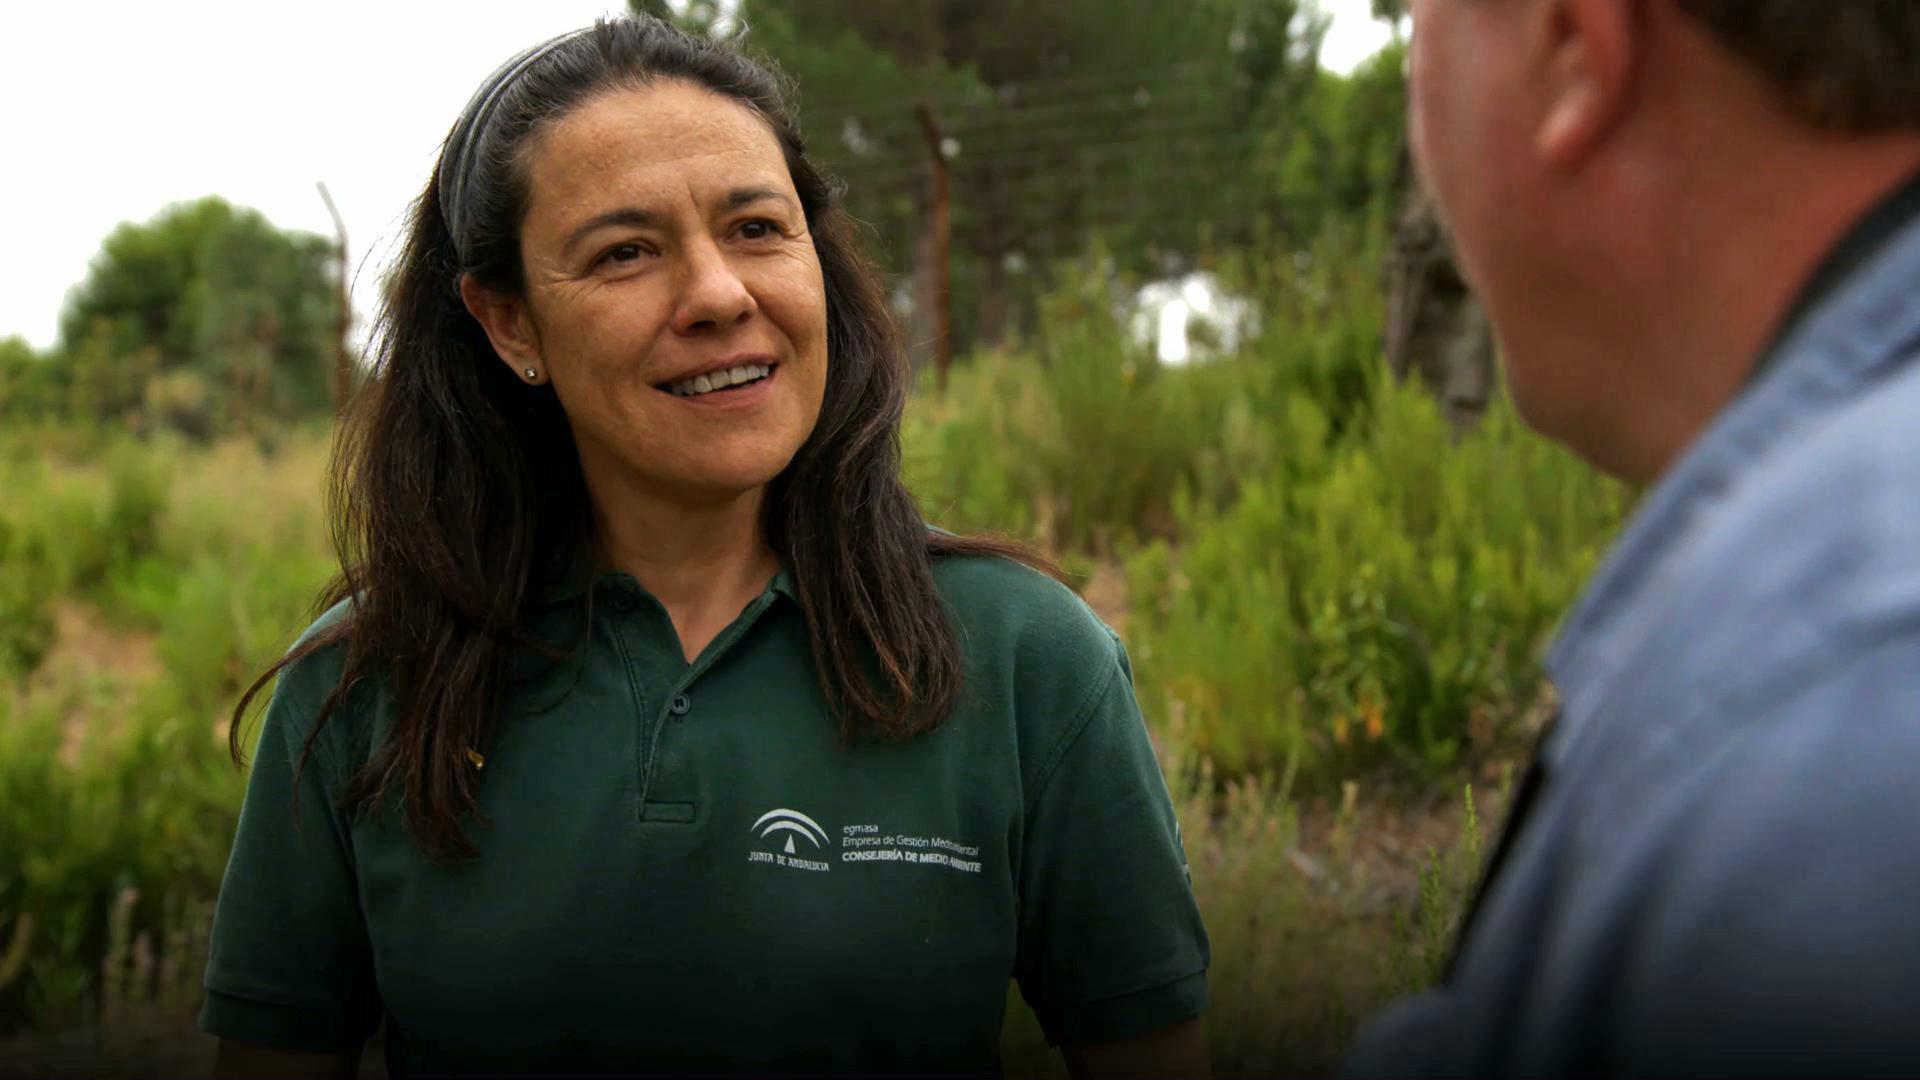 RARE Heroes: María José - 1:15 - Meet María José Pérez Aspa, a veterinarian in Madrid.